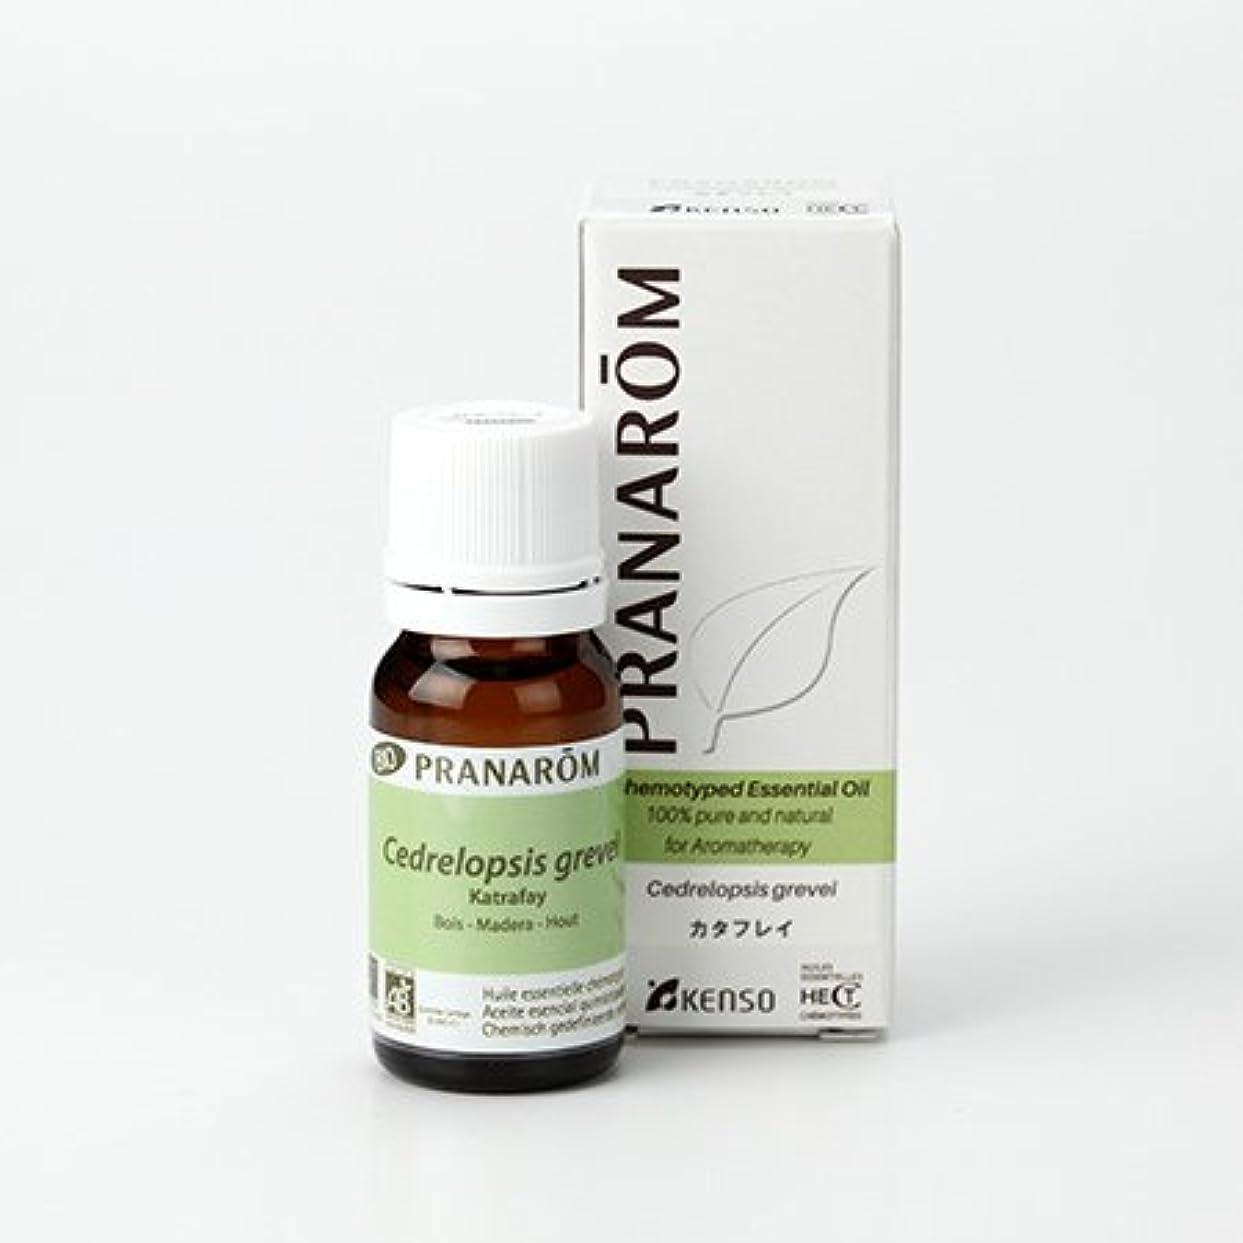 補体植物学髄プラナロム カタフレイ 10ml (PRANAROM ケモタイプ精油)